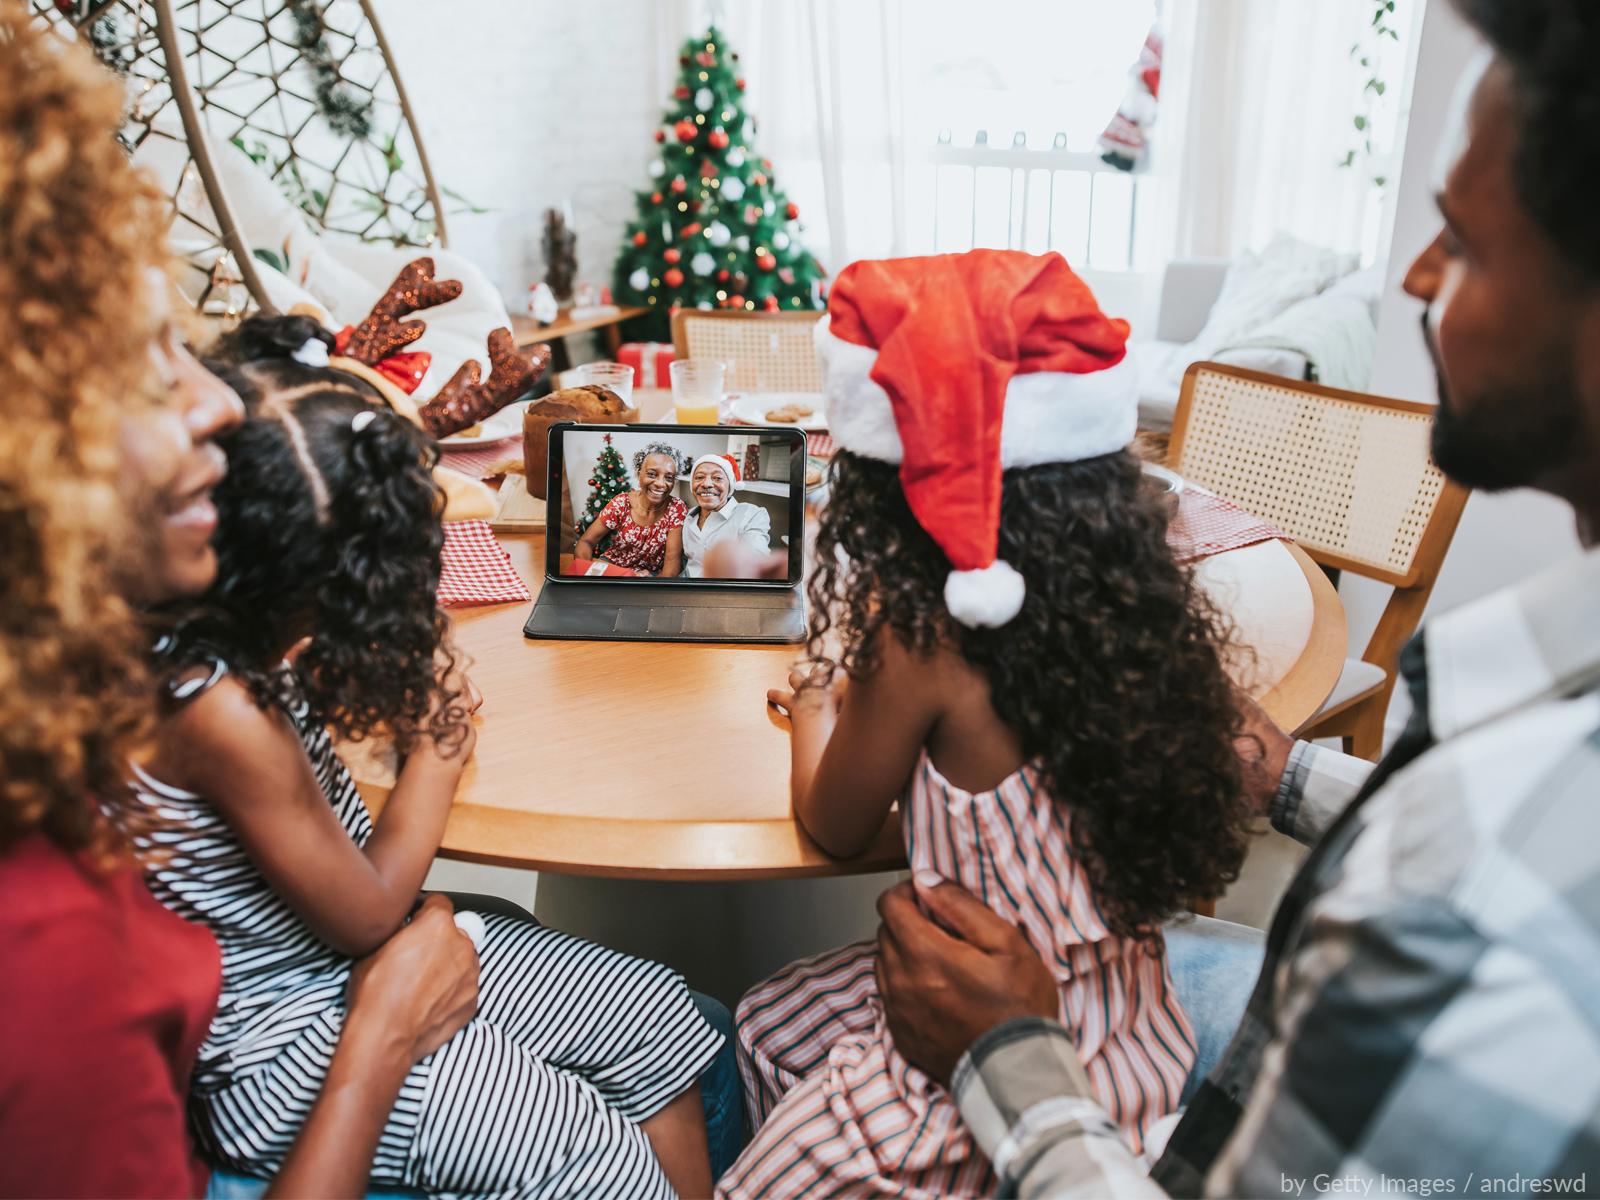 Natal virtual: como aproveitar as festas sem perder a essência?